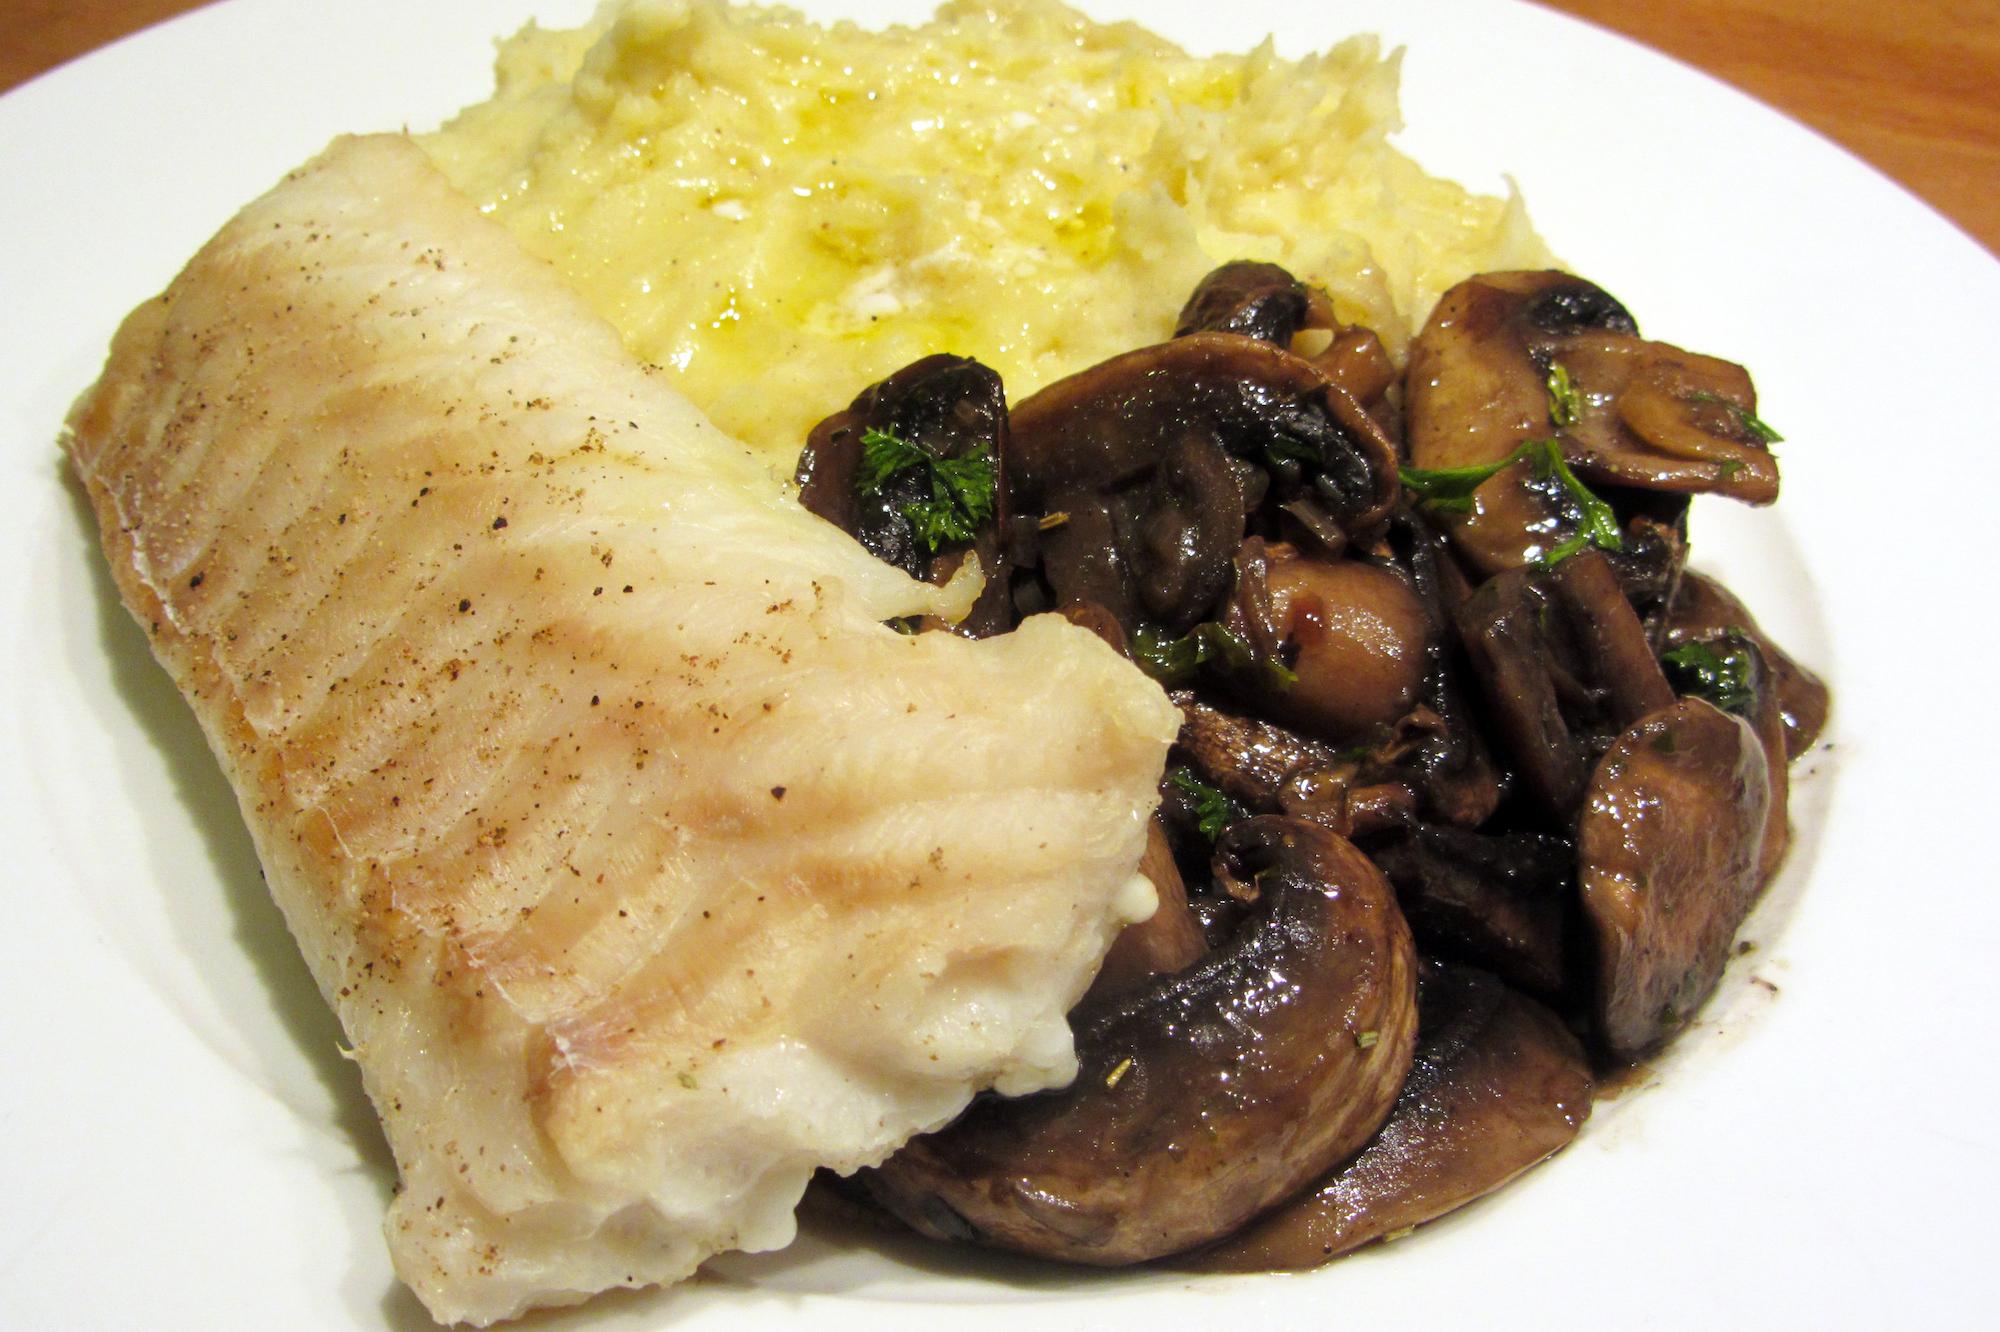 Leng met puree en champignons in kruidenboter